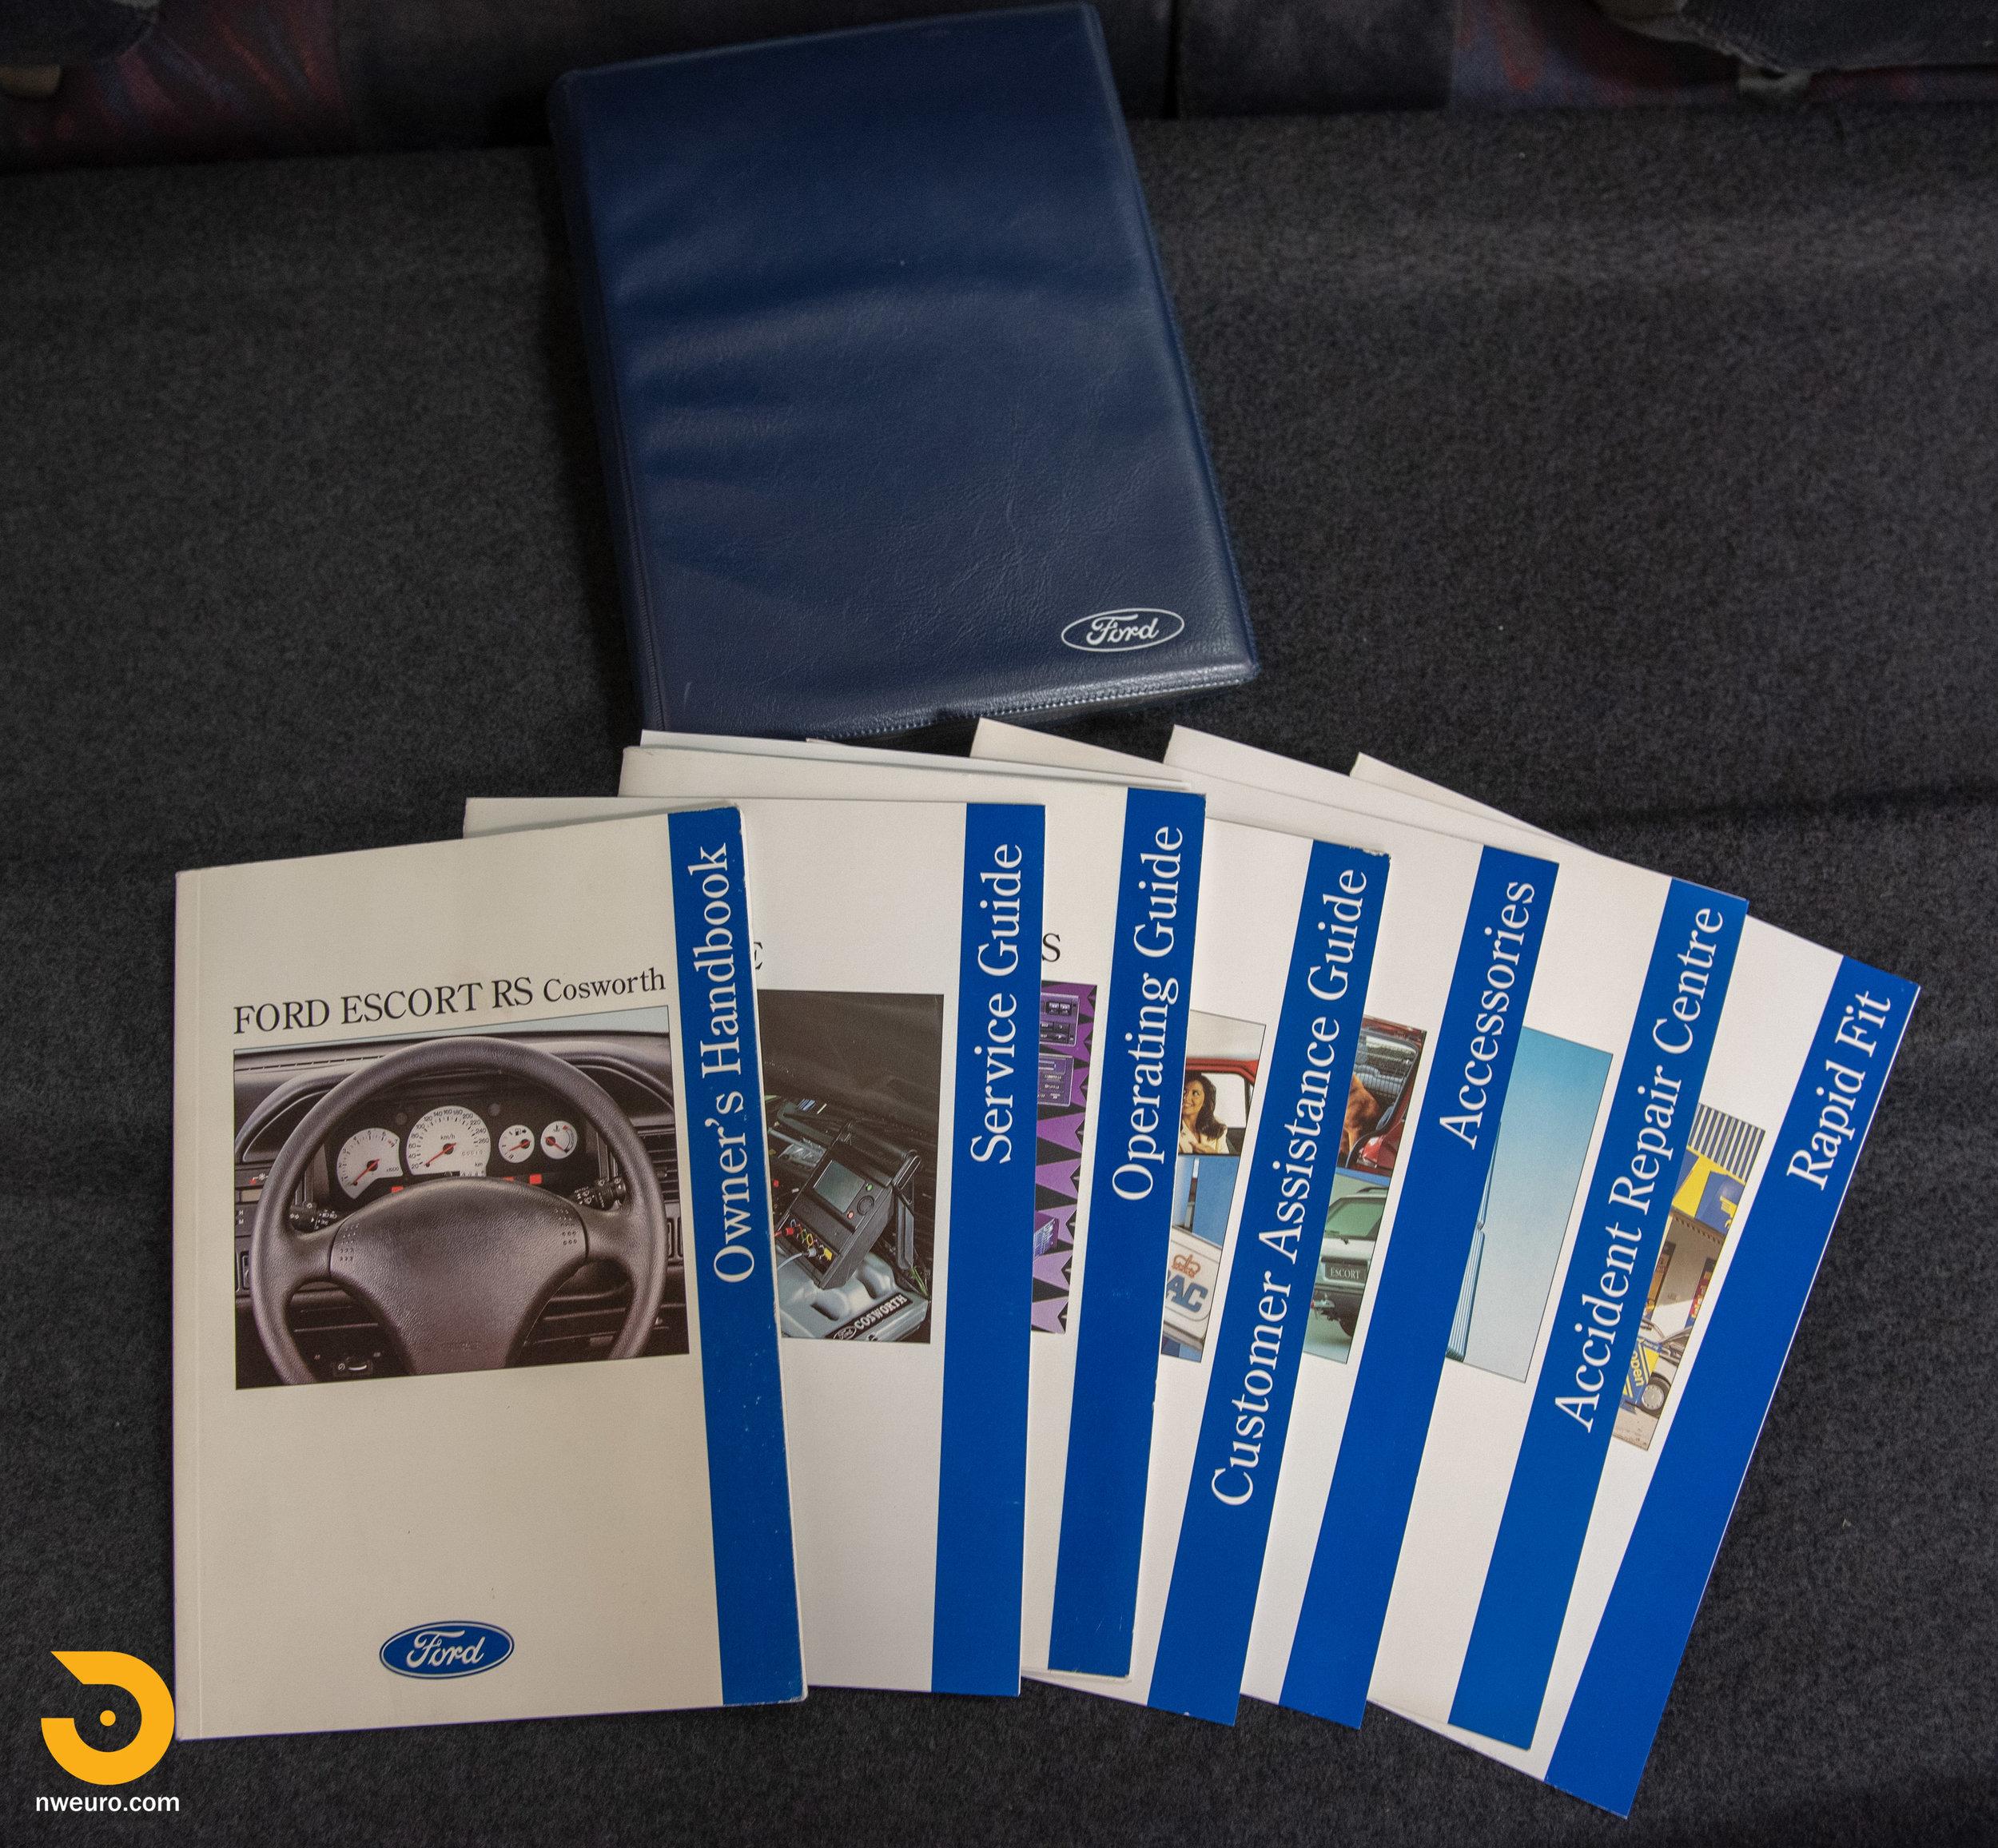 1995 Ford Escort Cosworth - Petrol Blue-106.jpg